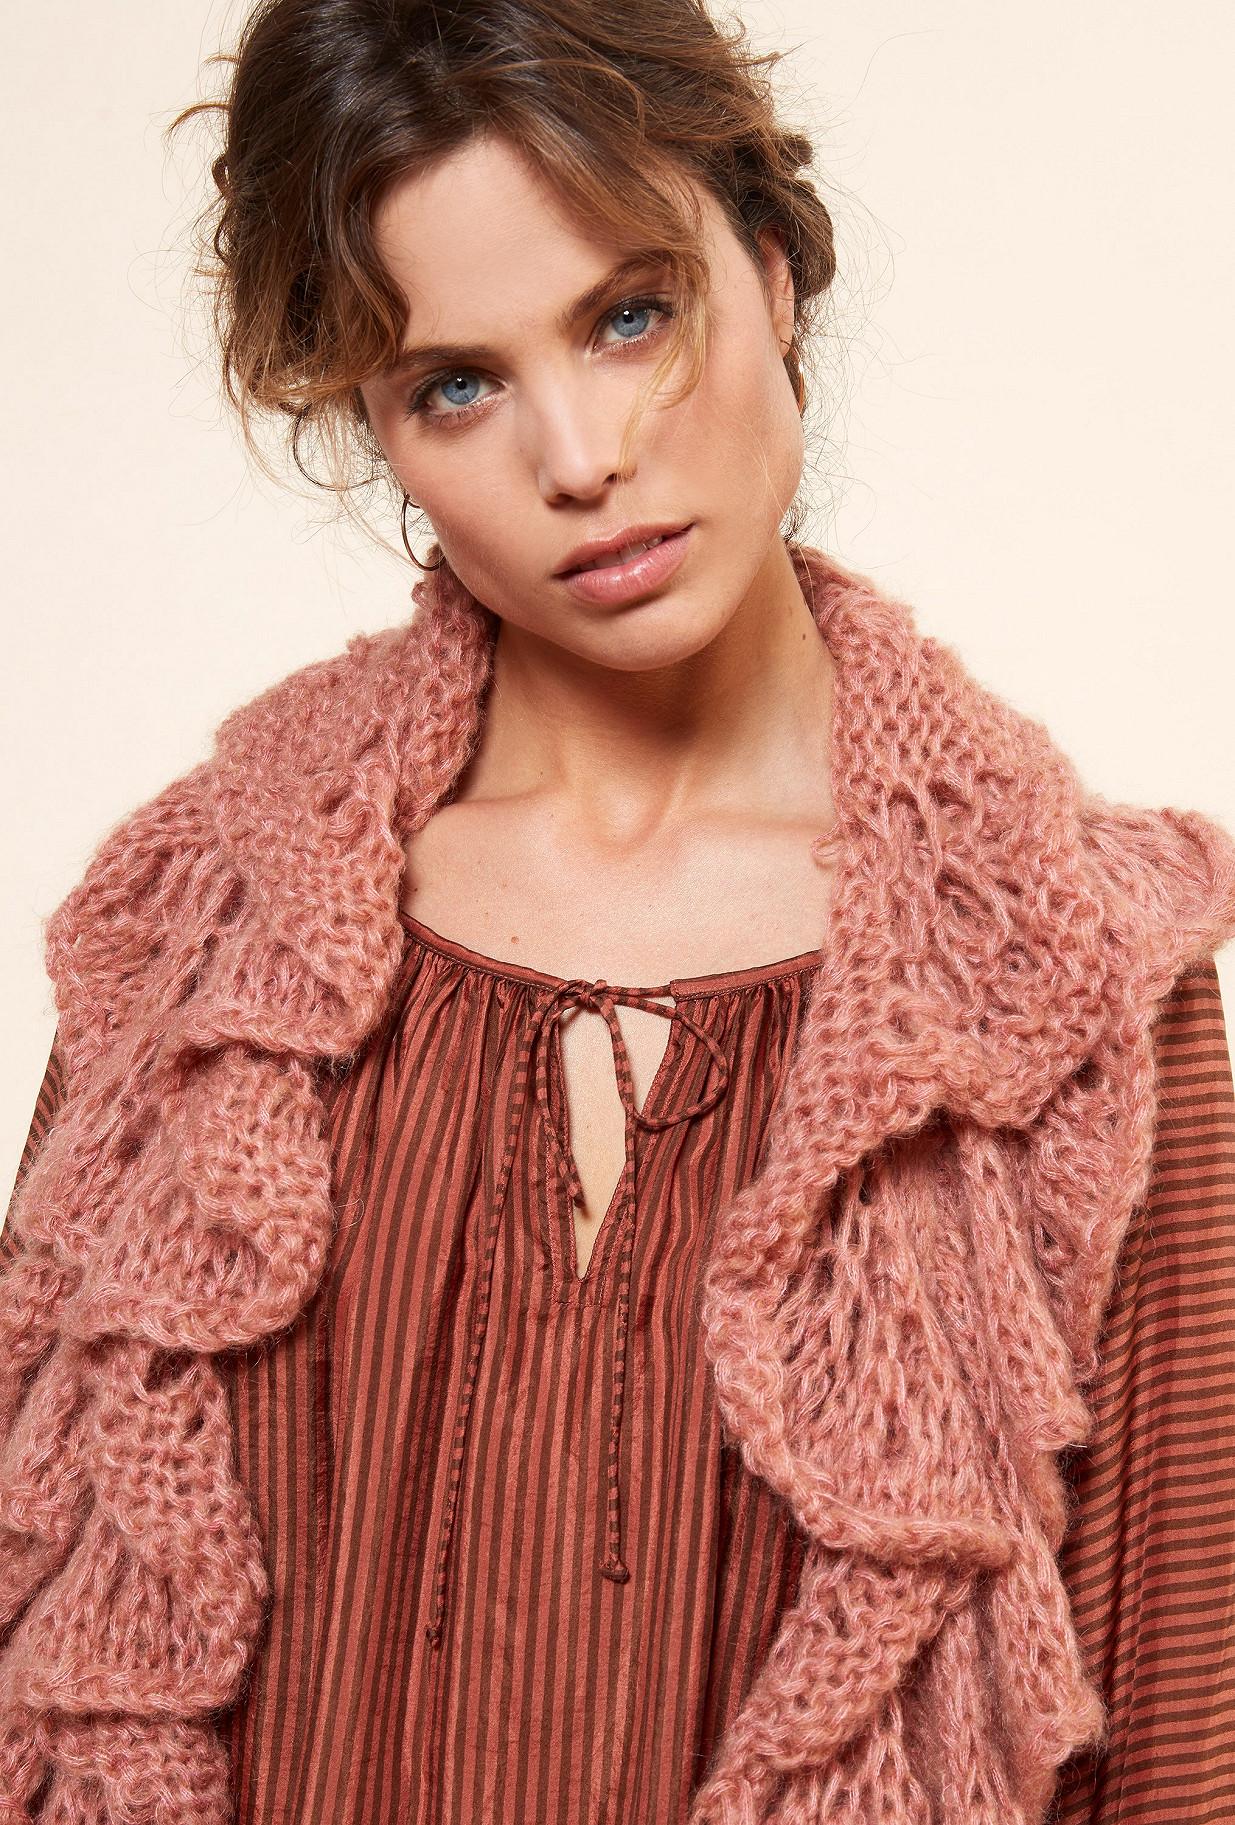 Paris boutique de mode vêtement Écharpe créateur bohème  Frimouse